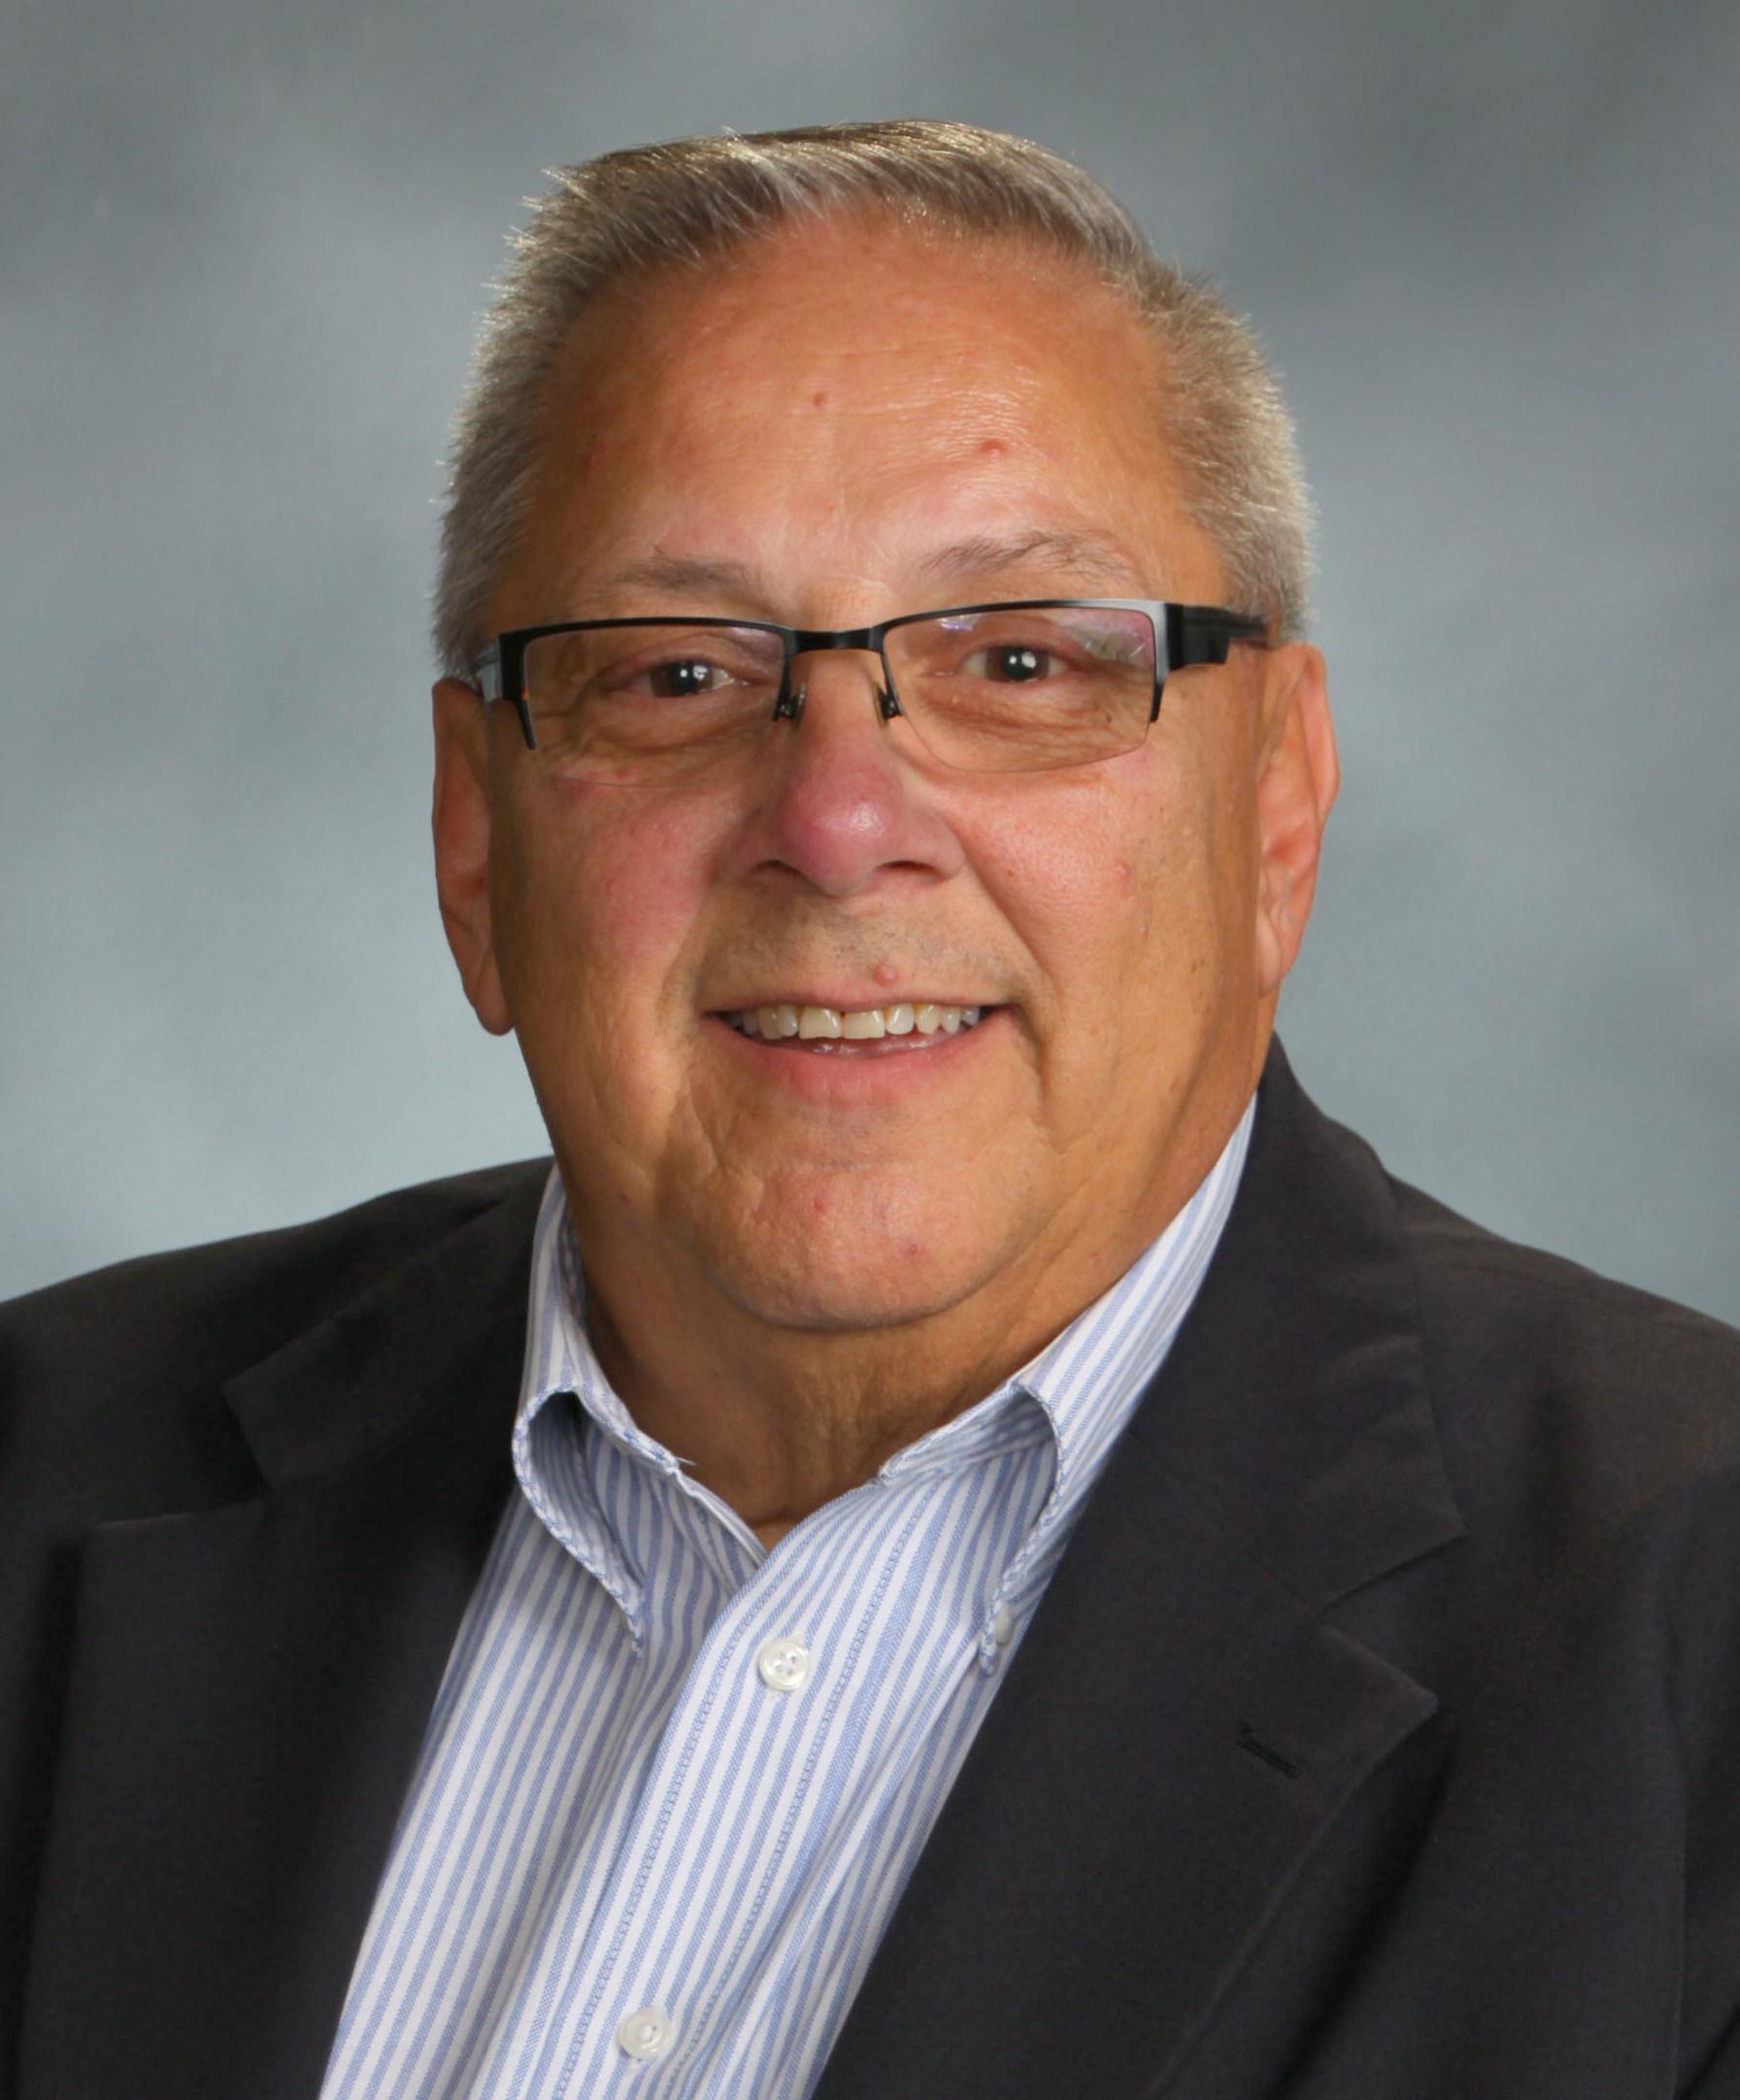 Bob Marino